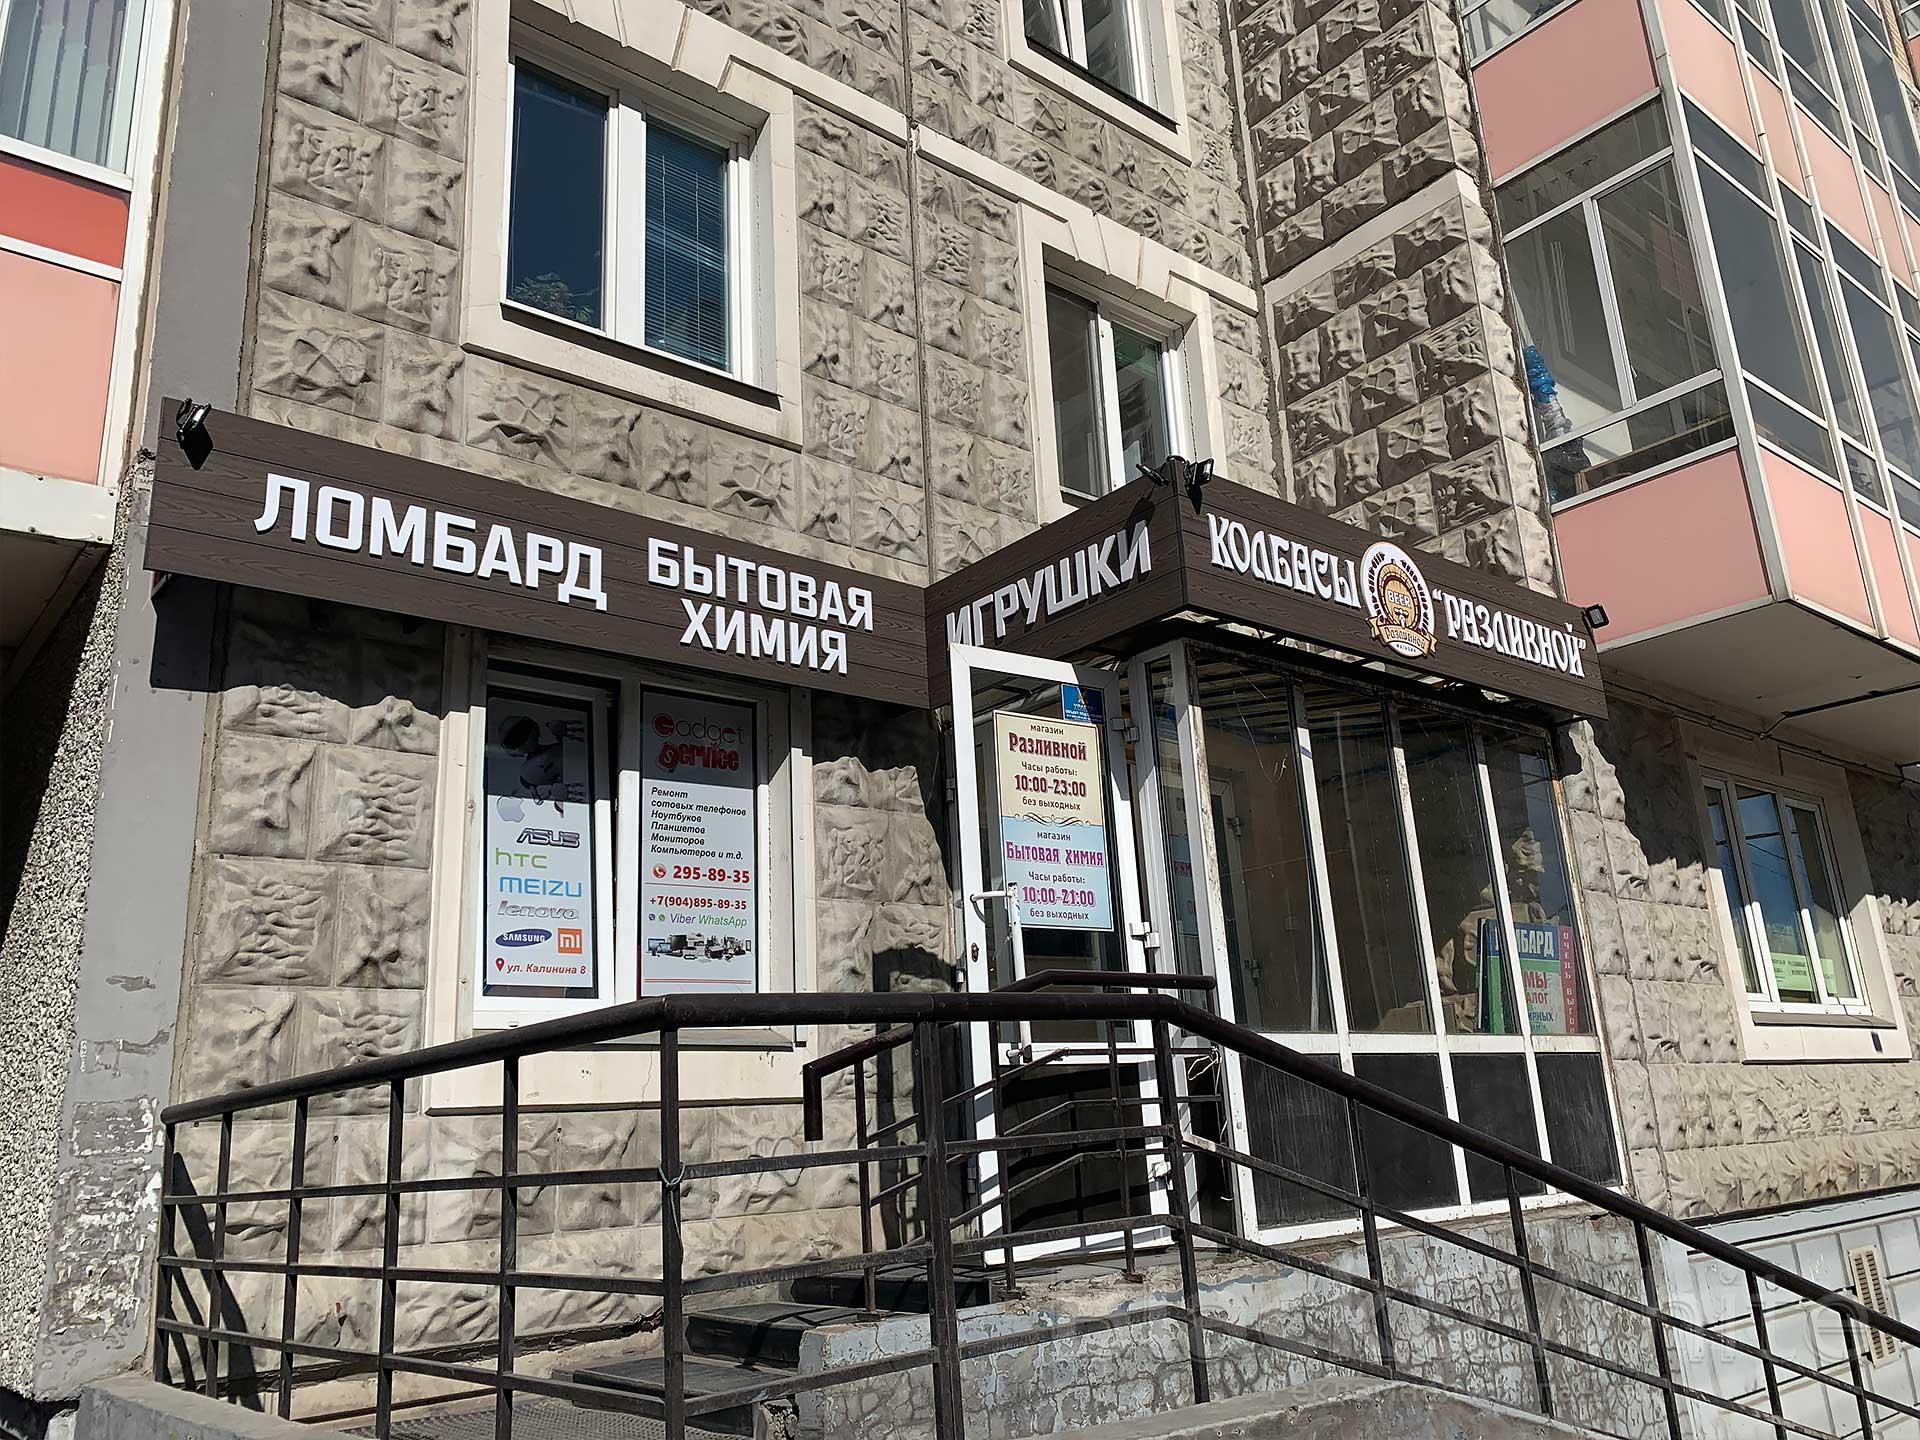 Высеска-из-дерава-с-псевдообъёмными-плоские-буквыми-из-пвх-ихготовление-в-Красноярске-bw-.jpg